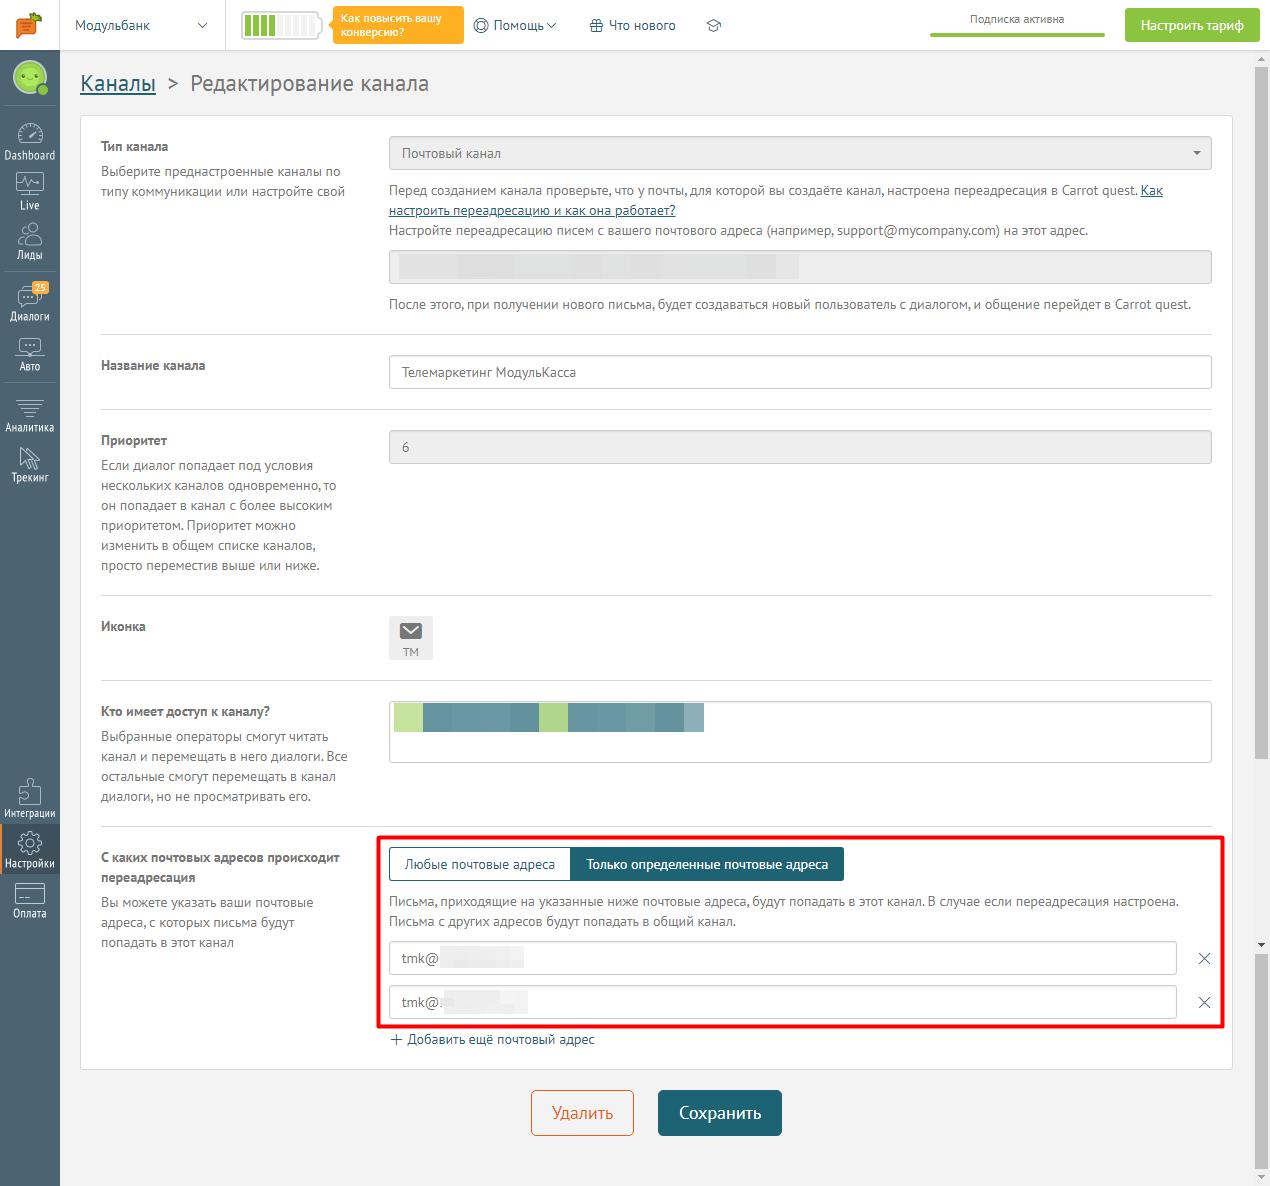 Редактирование канала в Carrot quest